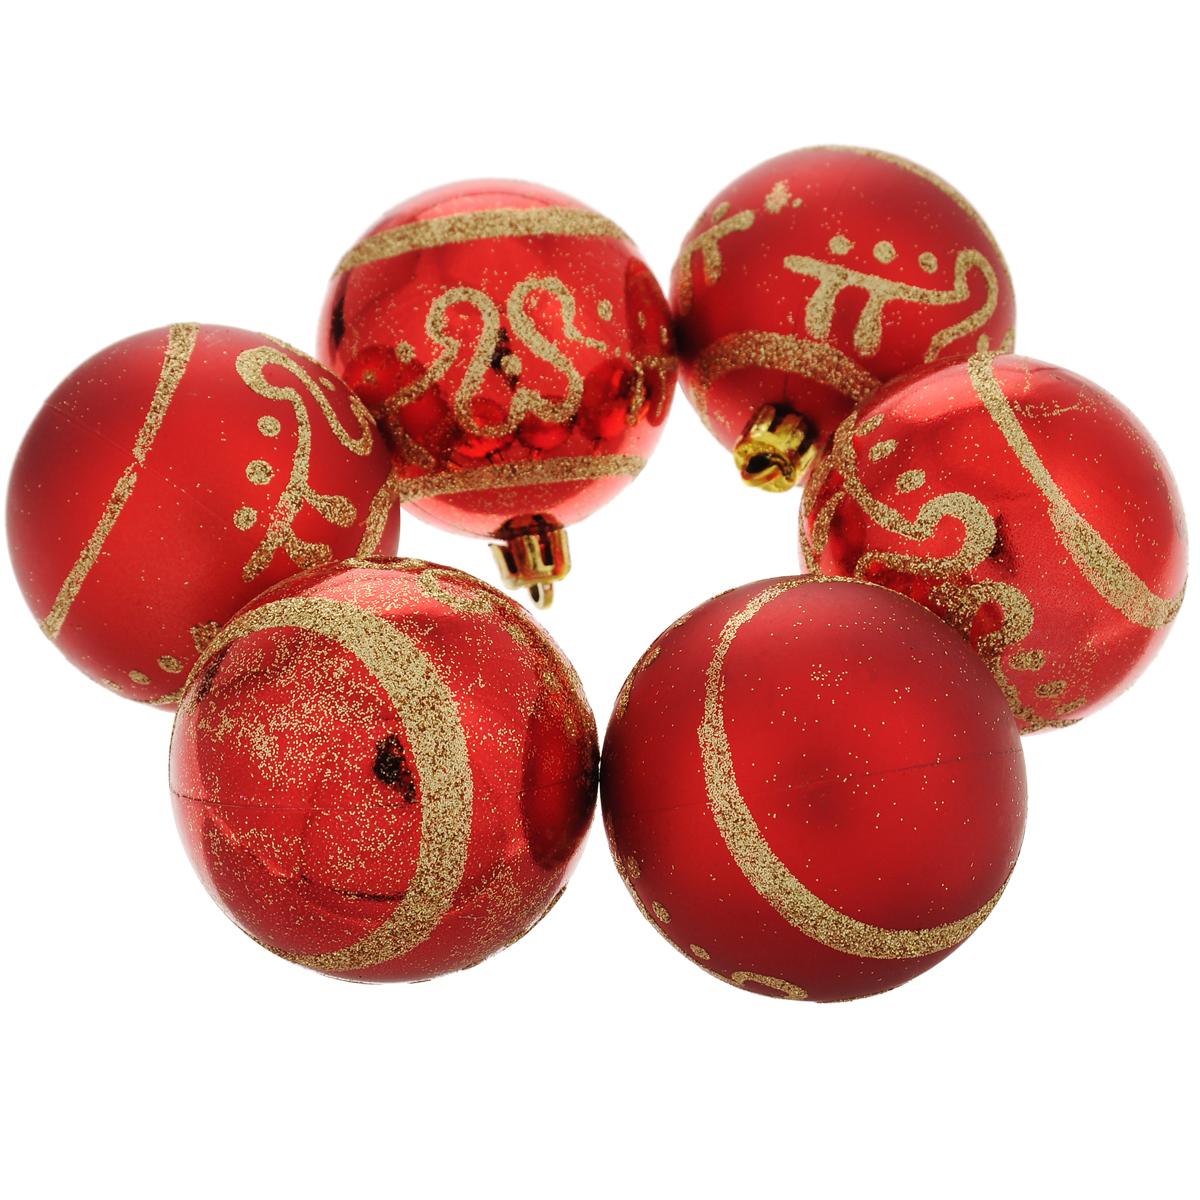 """Набор новогодних подвесных украшений """"Шар"""", цвет: золотистый, красный, диаметр 6 см, 6 шт. 35494"""